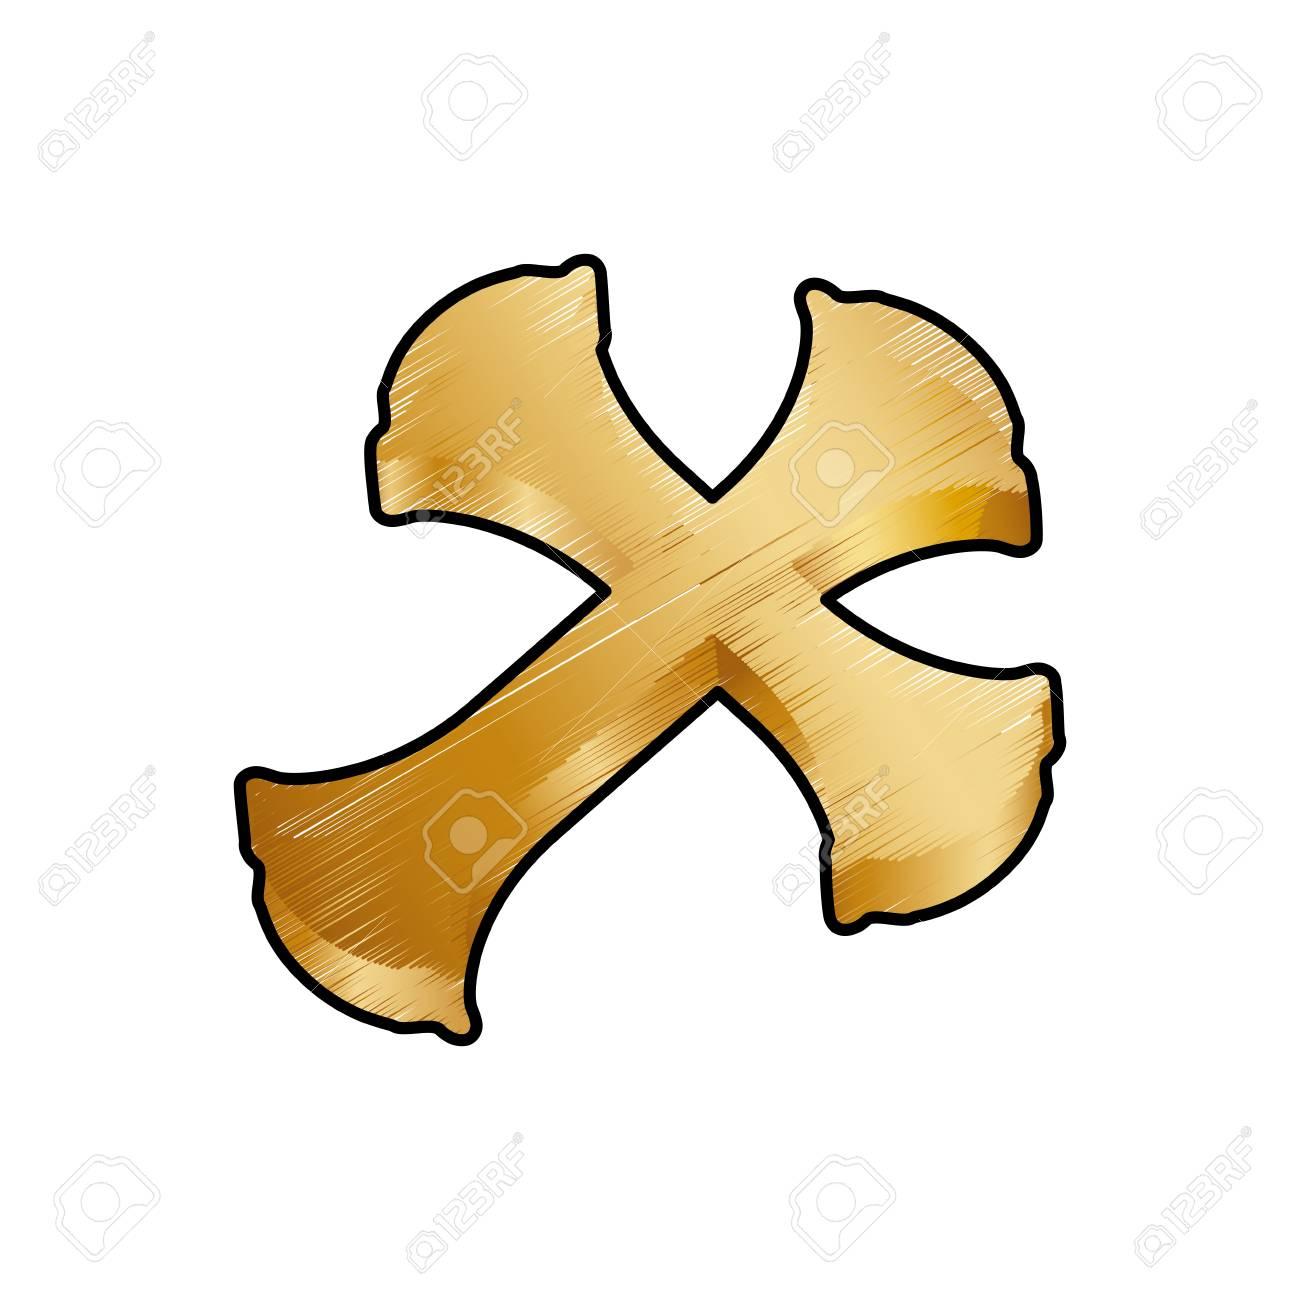 キリスト教の十字シンボル アイコン ベクトル イラスト グラフィック